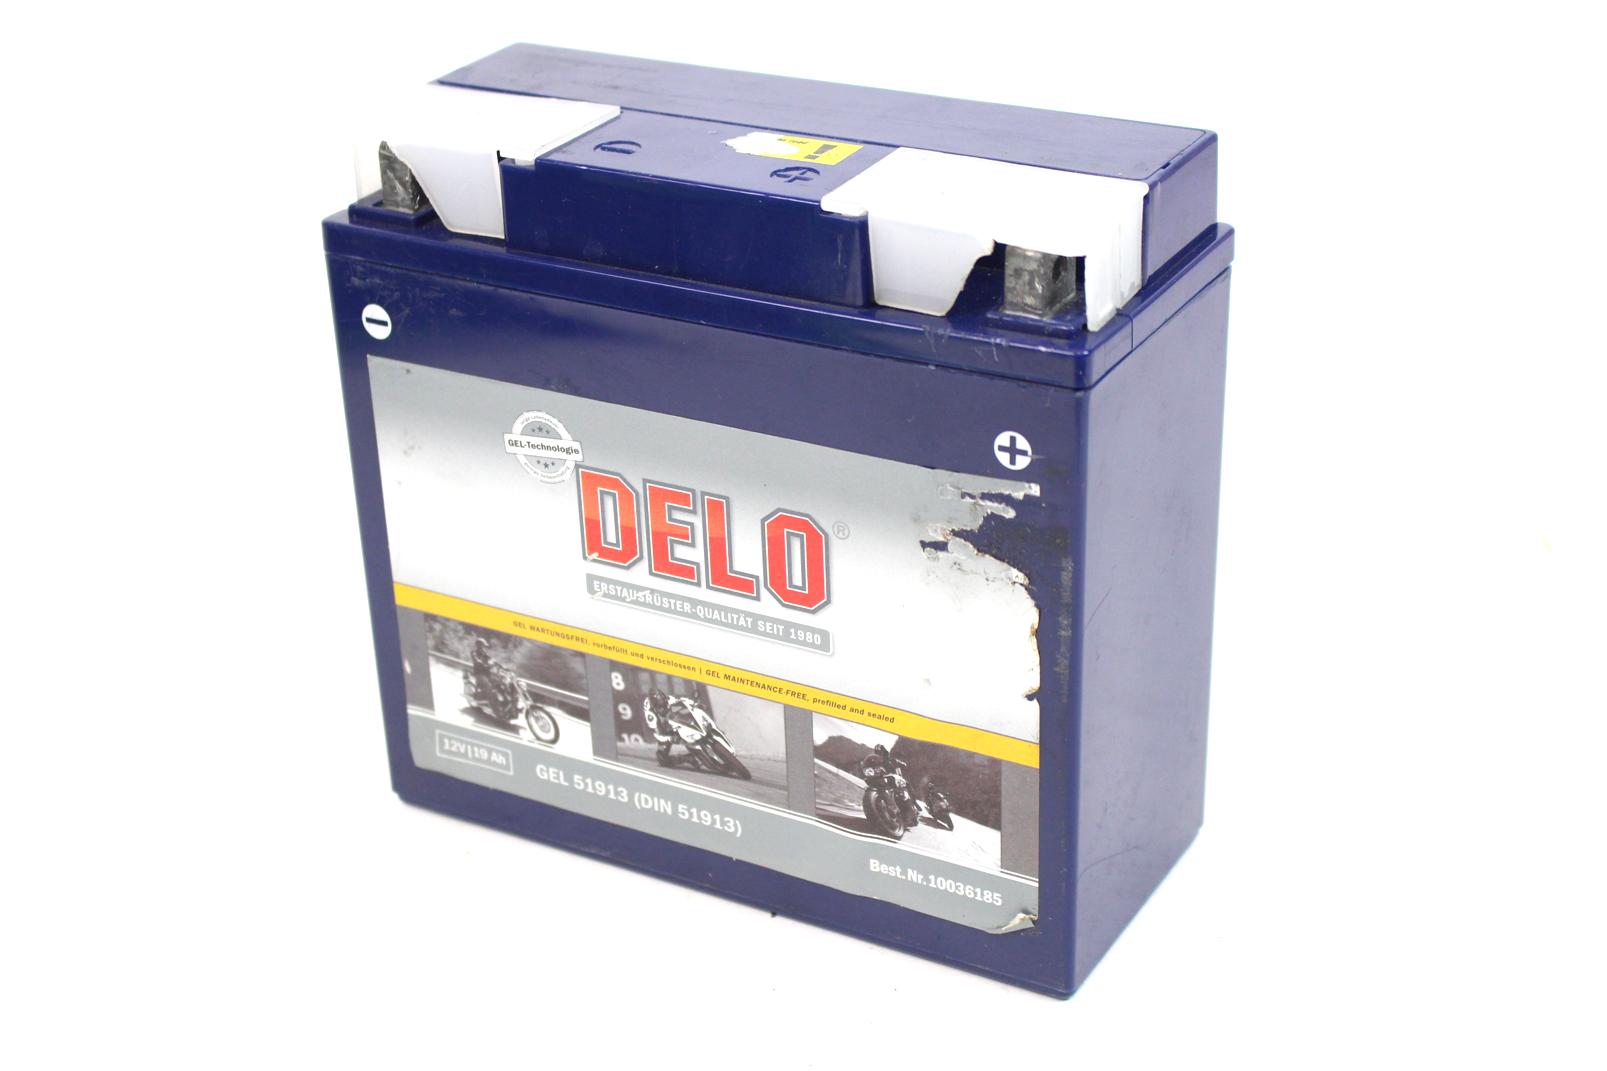 delo 51913 gel batterie starterbatterie 12v bmw r 45 1200. Black Bedroom Furniture Sets. Home Design Ideas